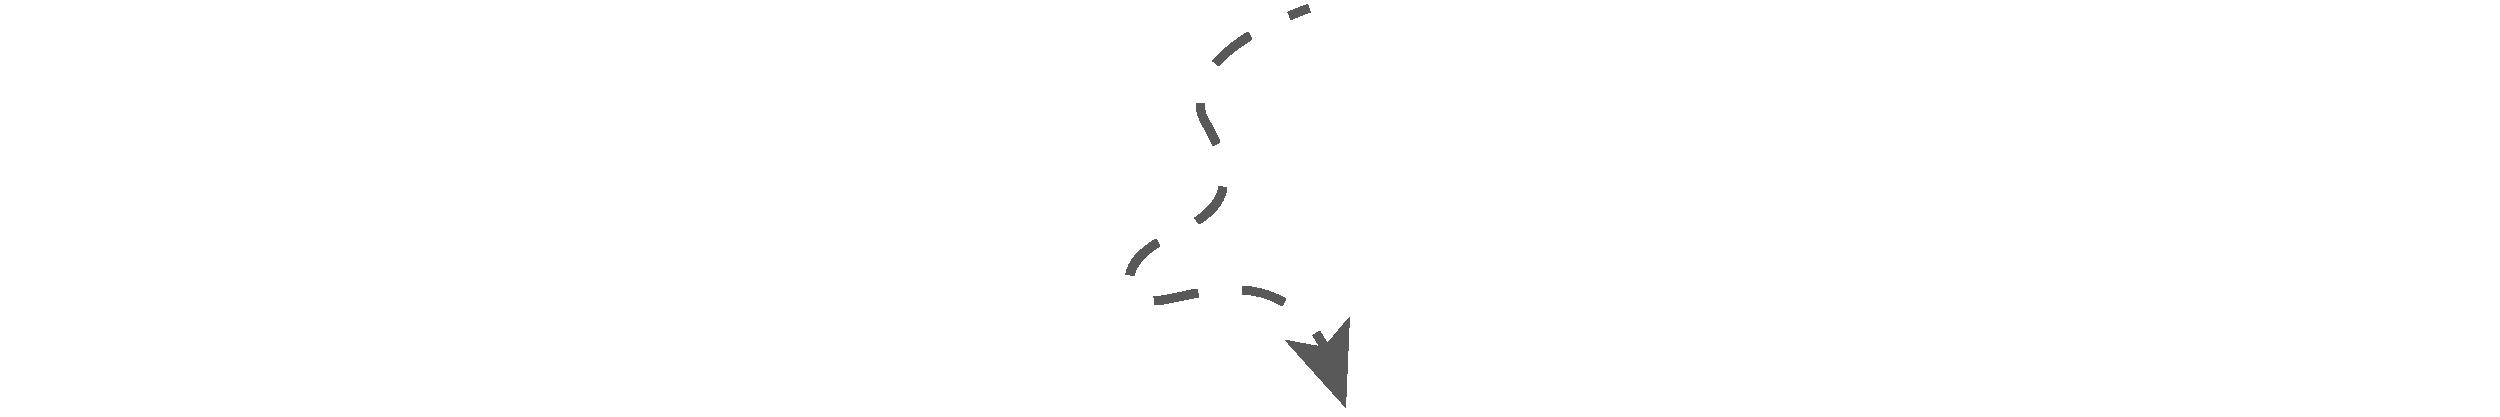 Een pijl die naar de stap hieronder wijst.